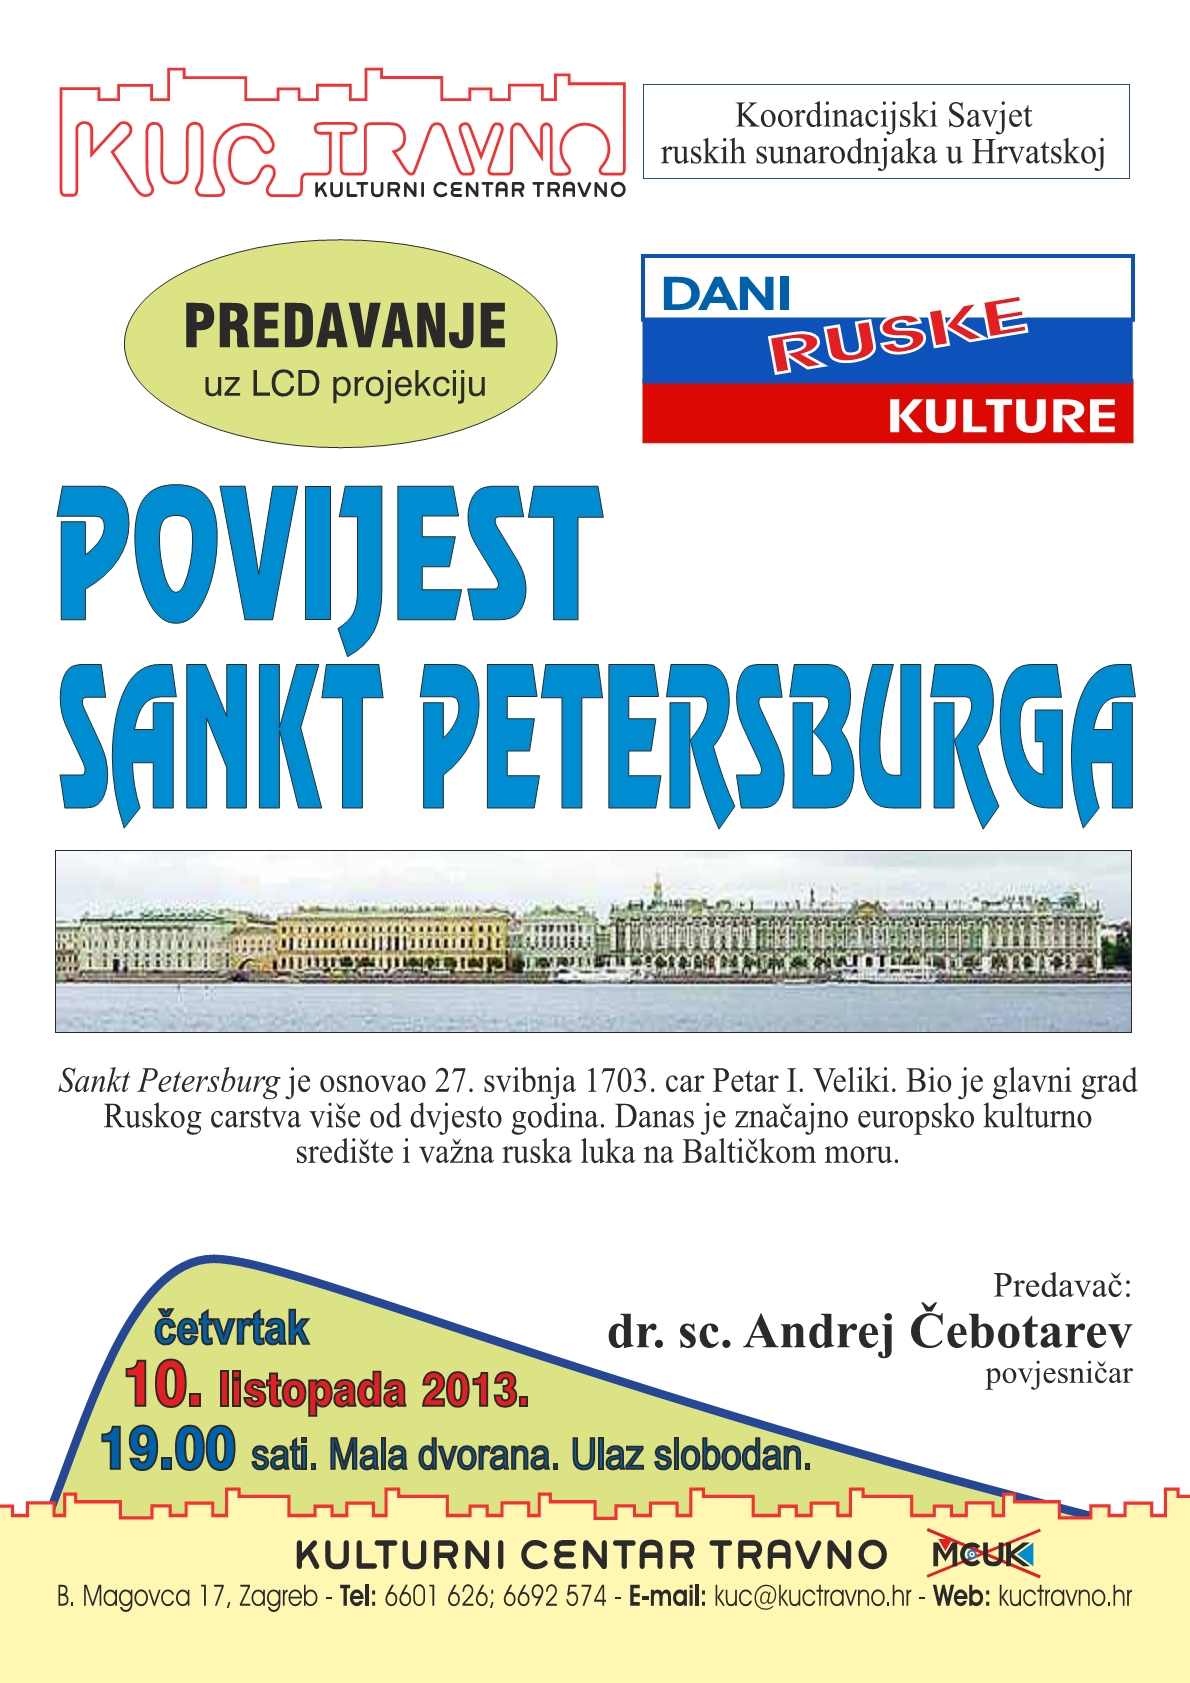 Povijest Sankt Petersburga